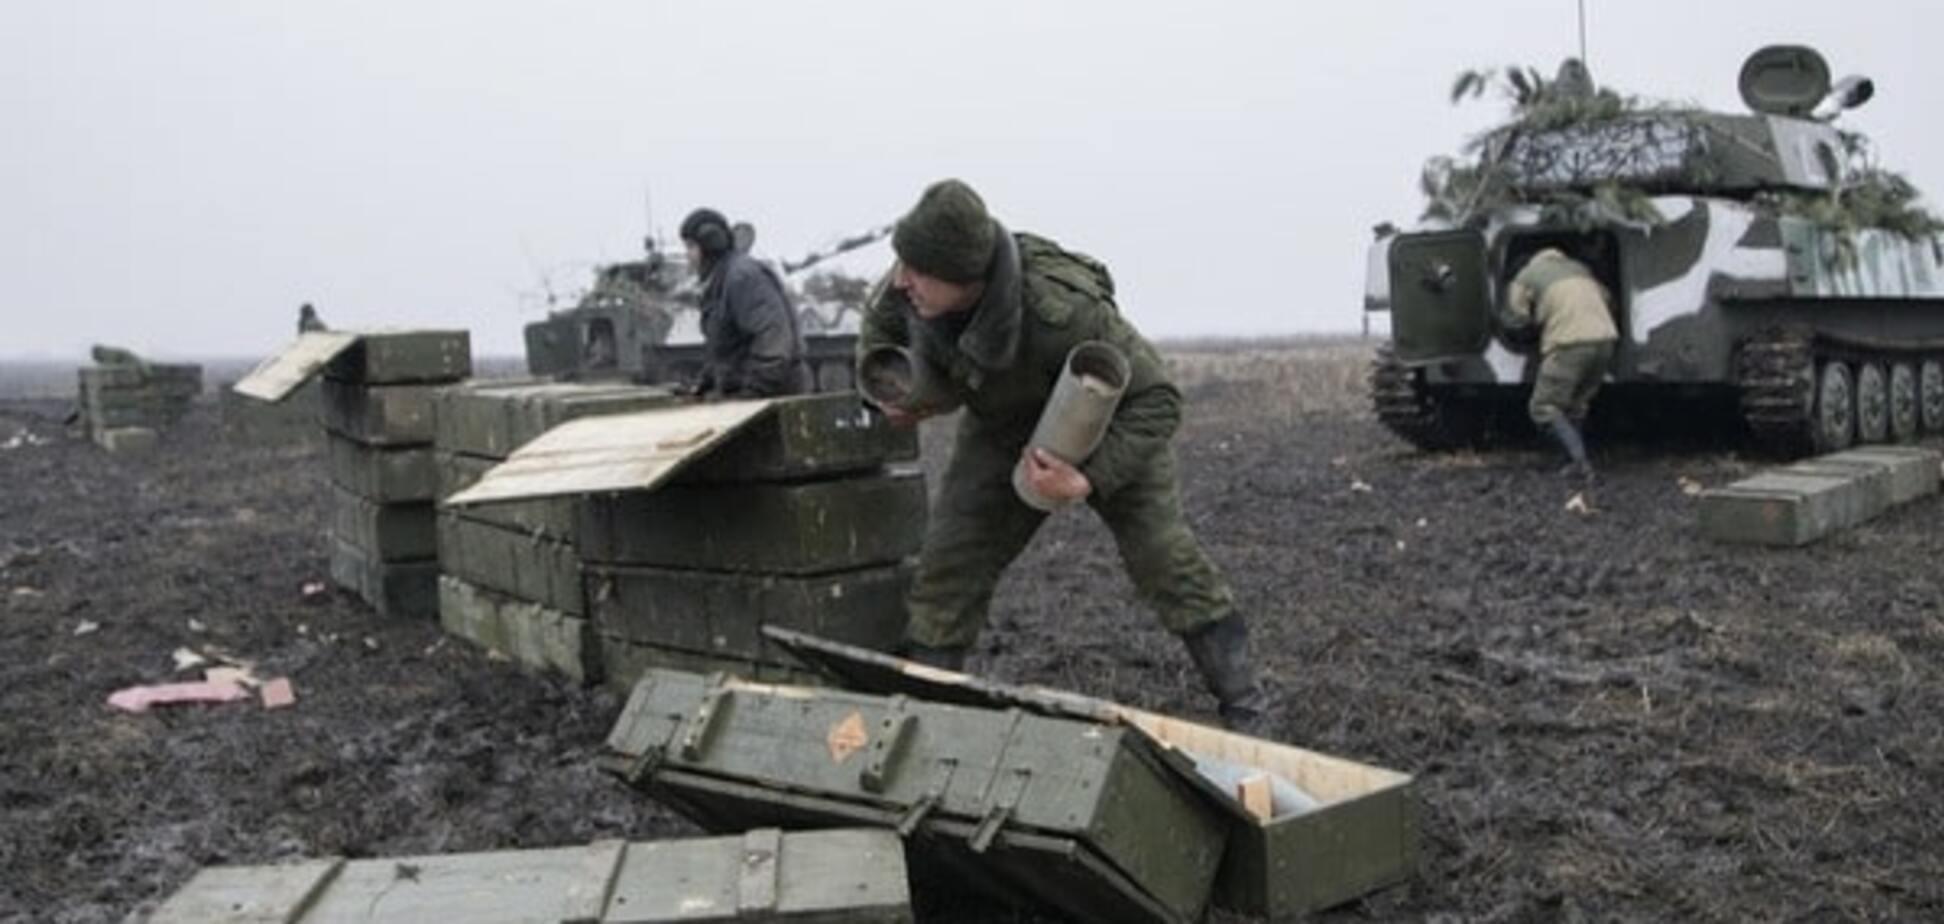 Разведка зафиксировала 'Грады' и танки у террористов в Донецке